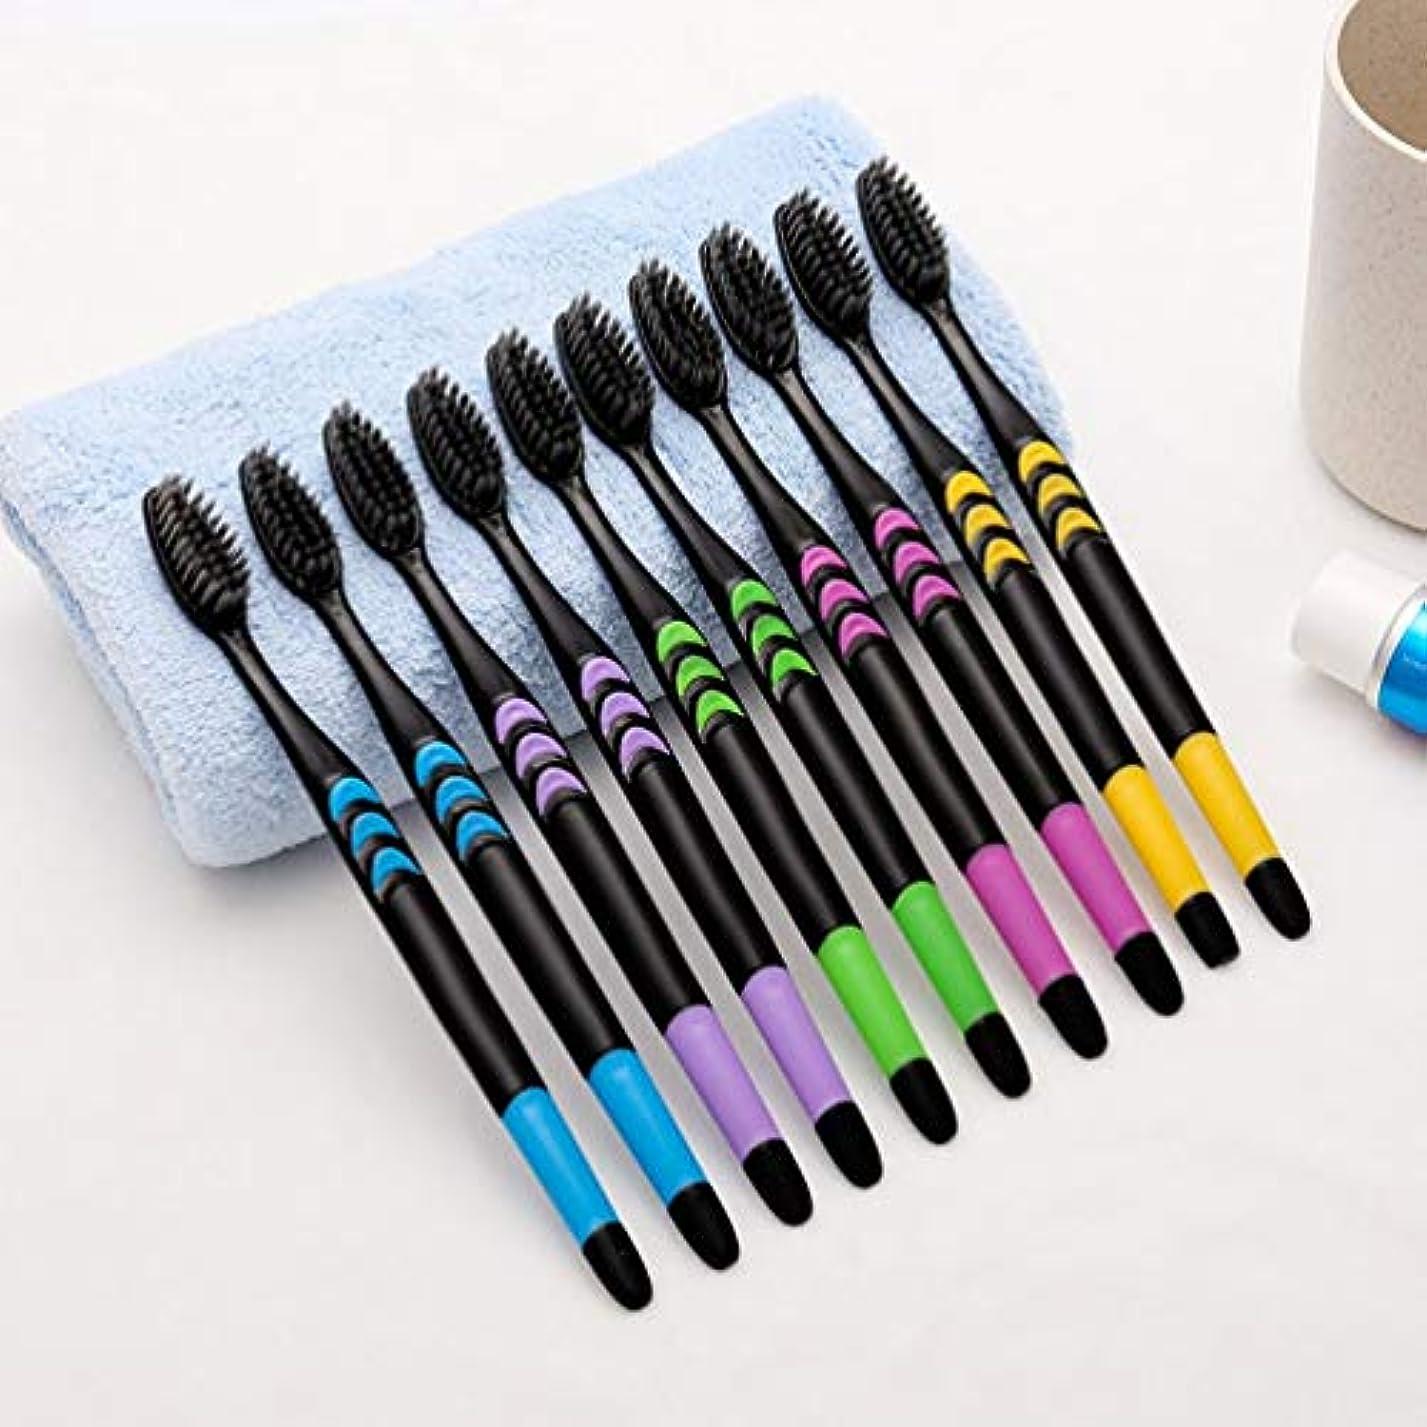 ぜいたくワット一般的な10ピースセットホーム家族大人の滑り止めの歯ブラシポータブルソフト歯ブラシクリーニング歯ガードツール - 黒三日月